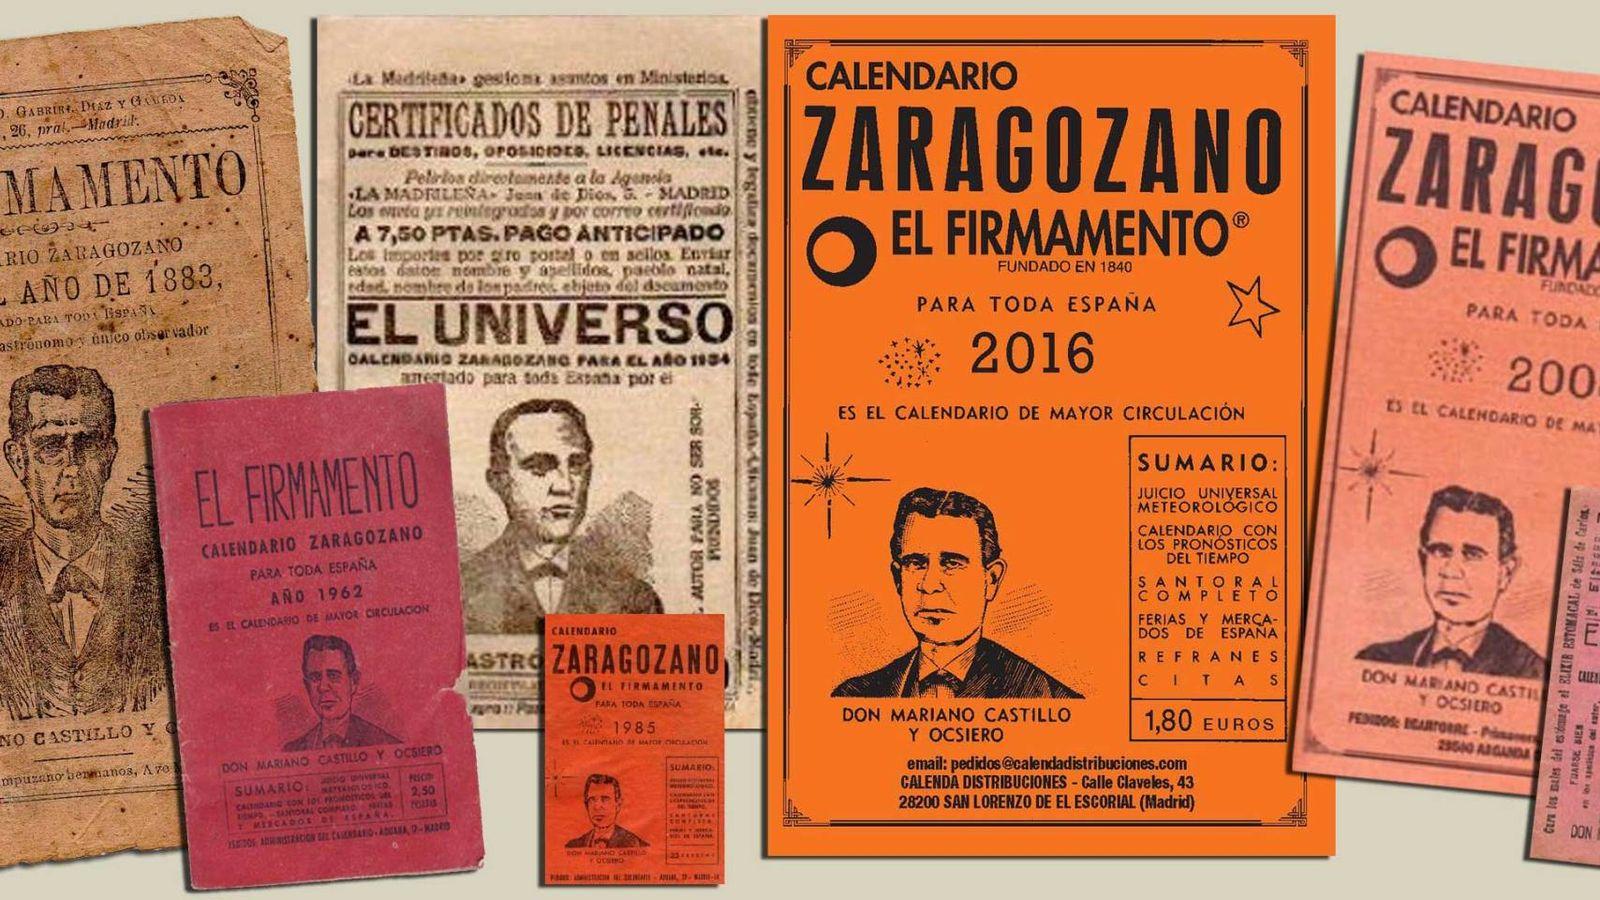 Foto: Varias ediciones de calendarios zaragozanos. (calendariozaragozano.net)